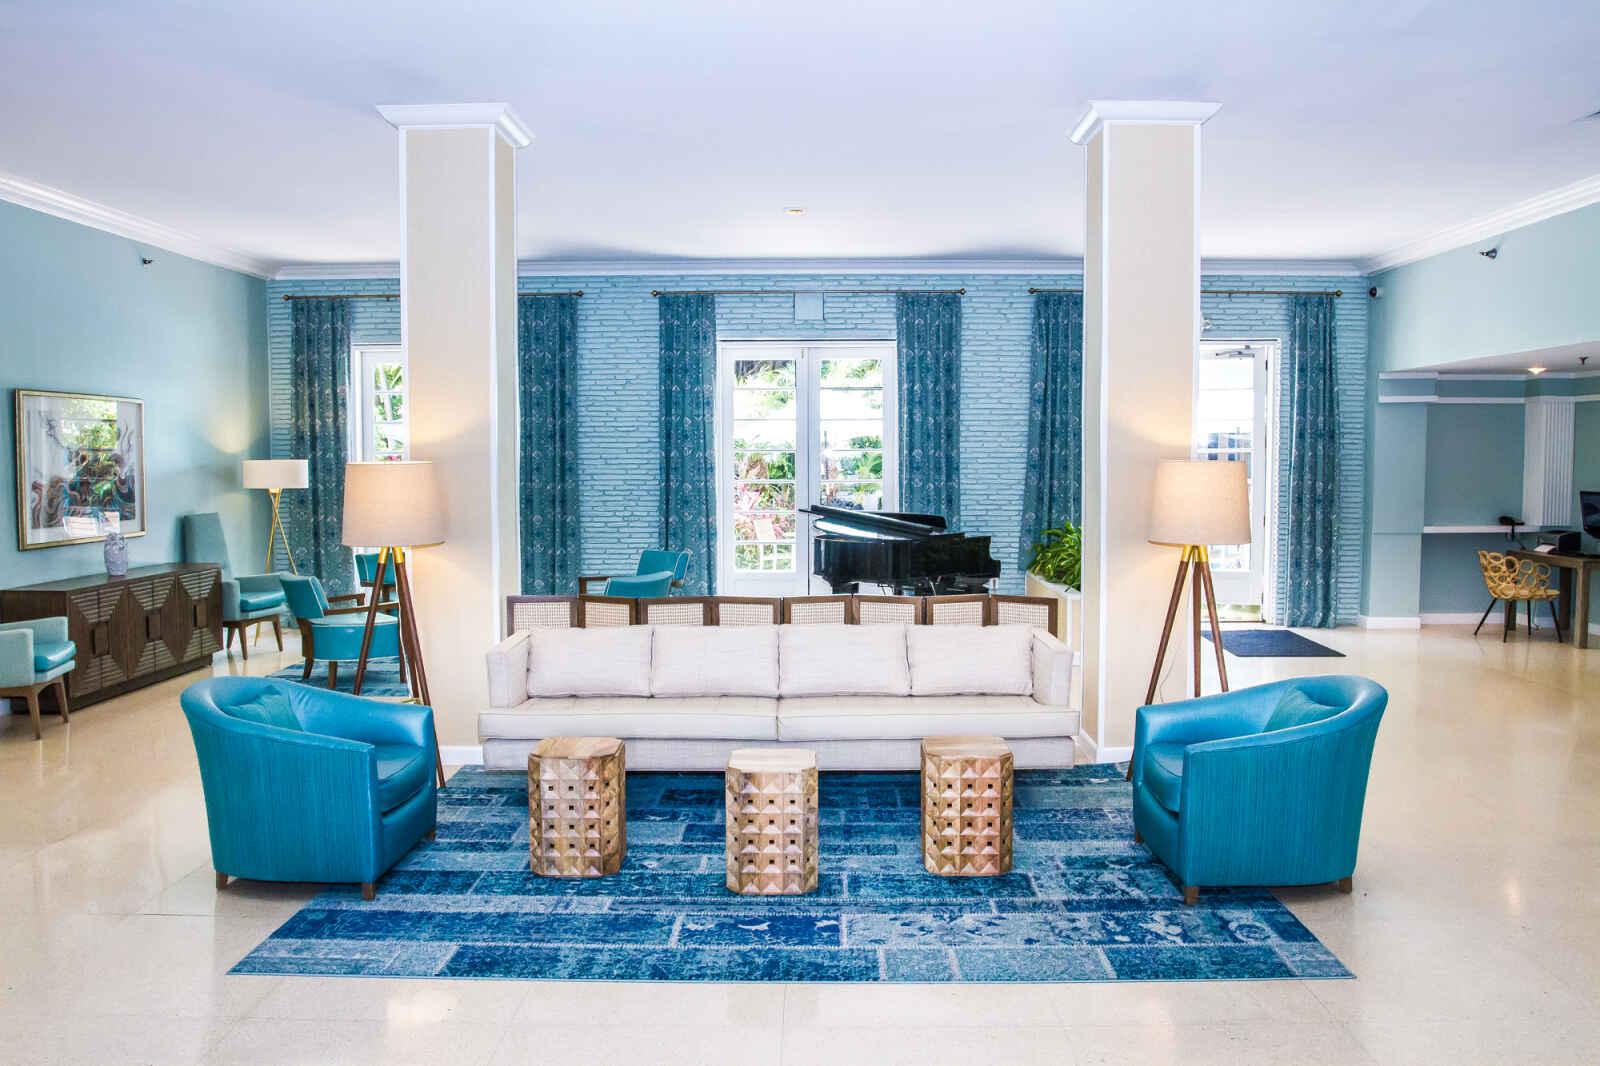 Séjour Est américain - Dorchester Hotel & Suites